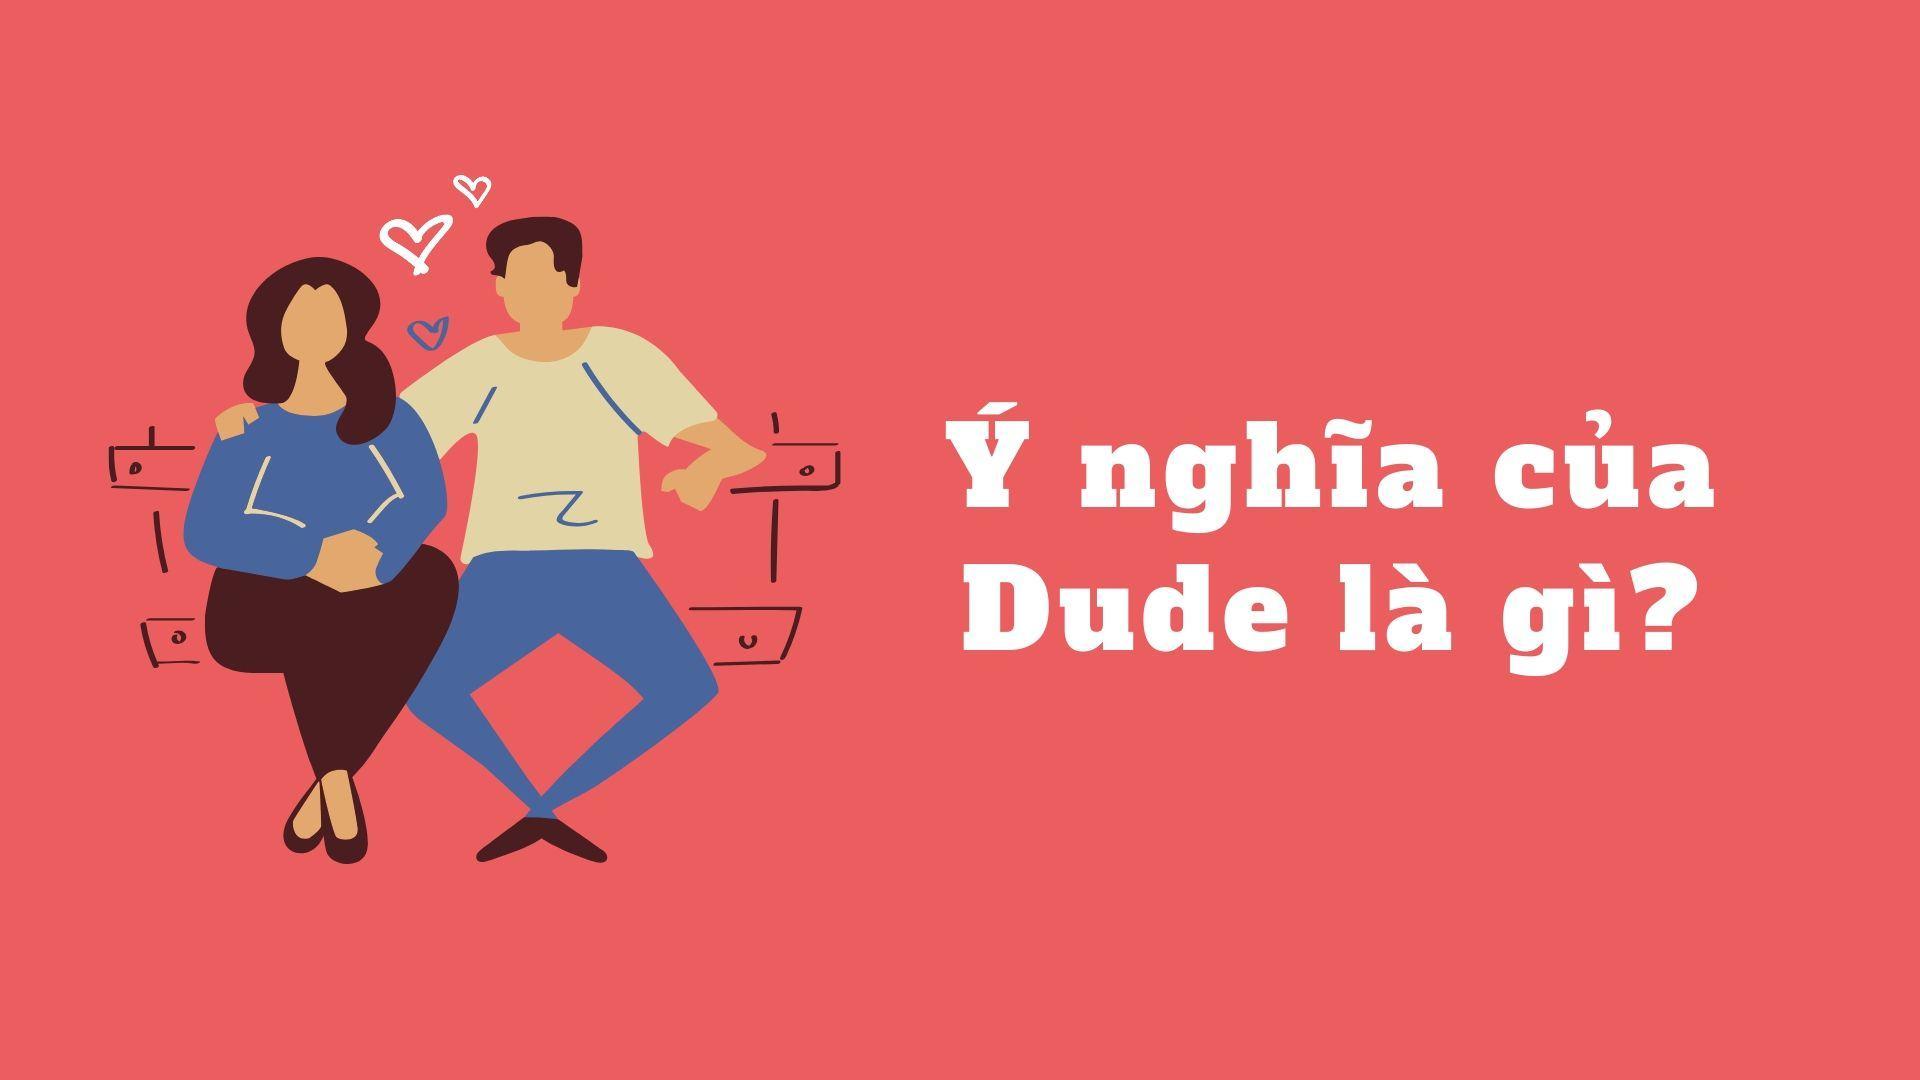 dude nghĩa là gì?